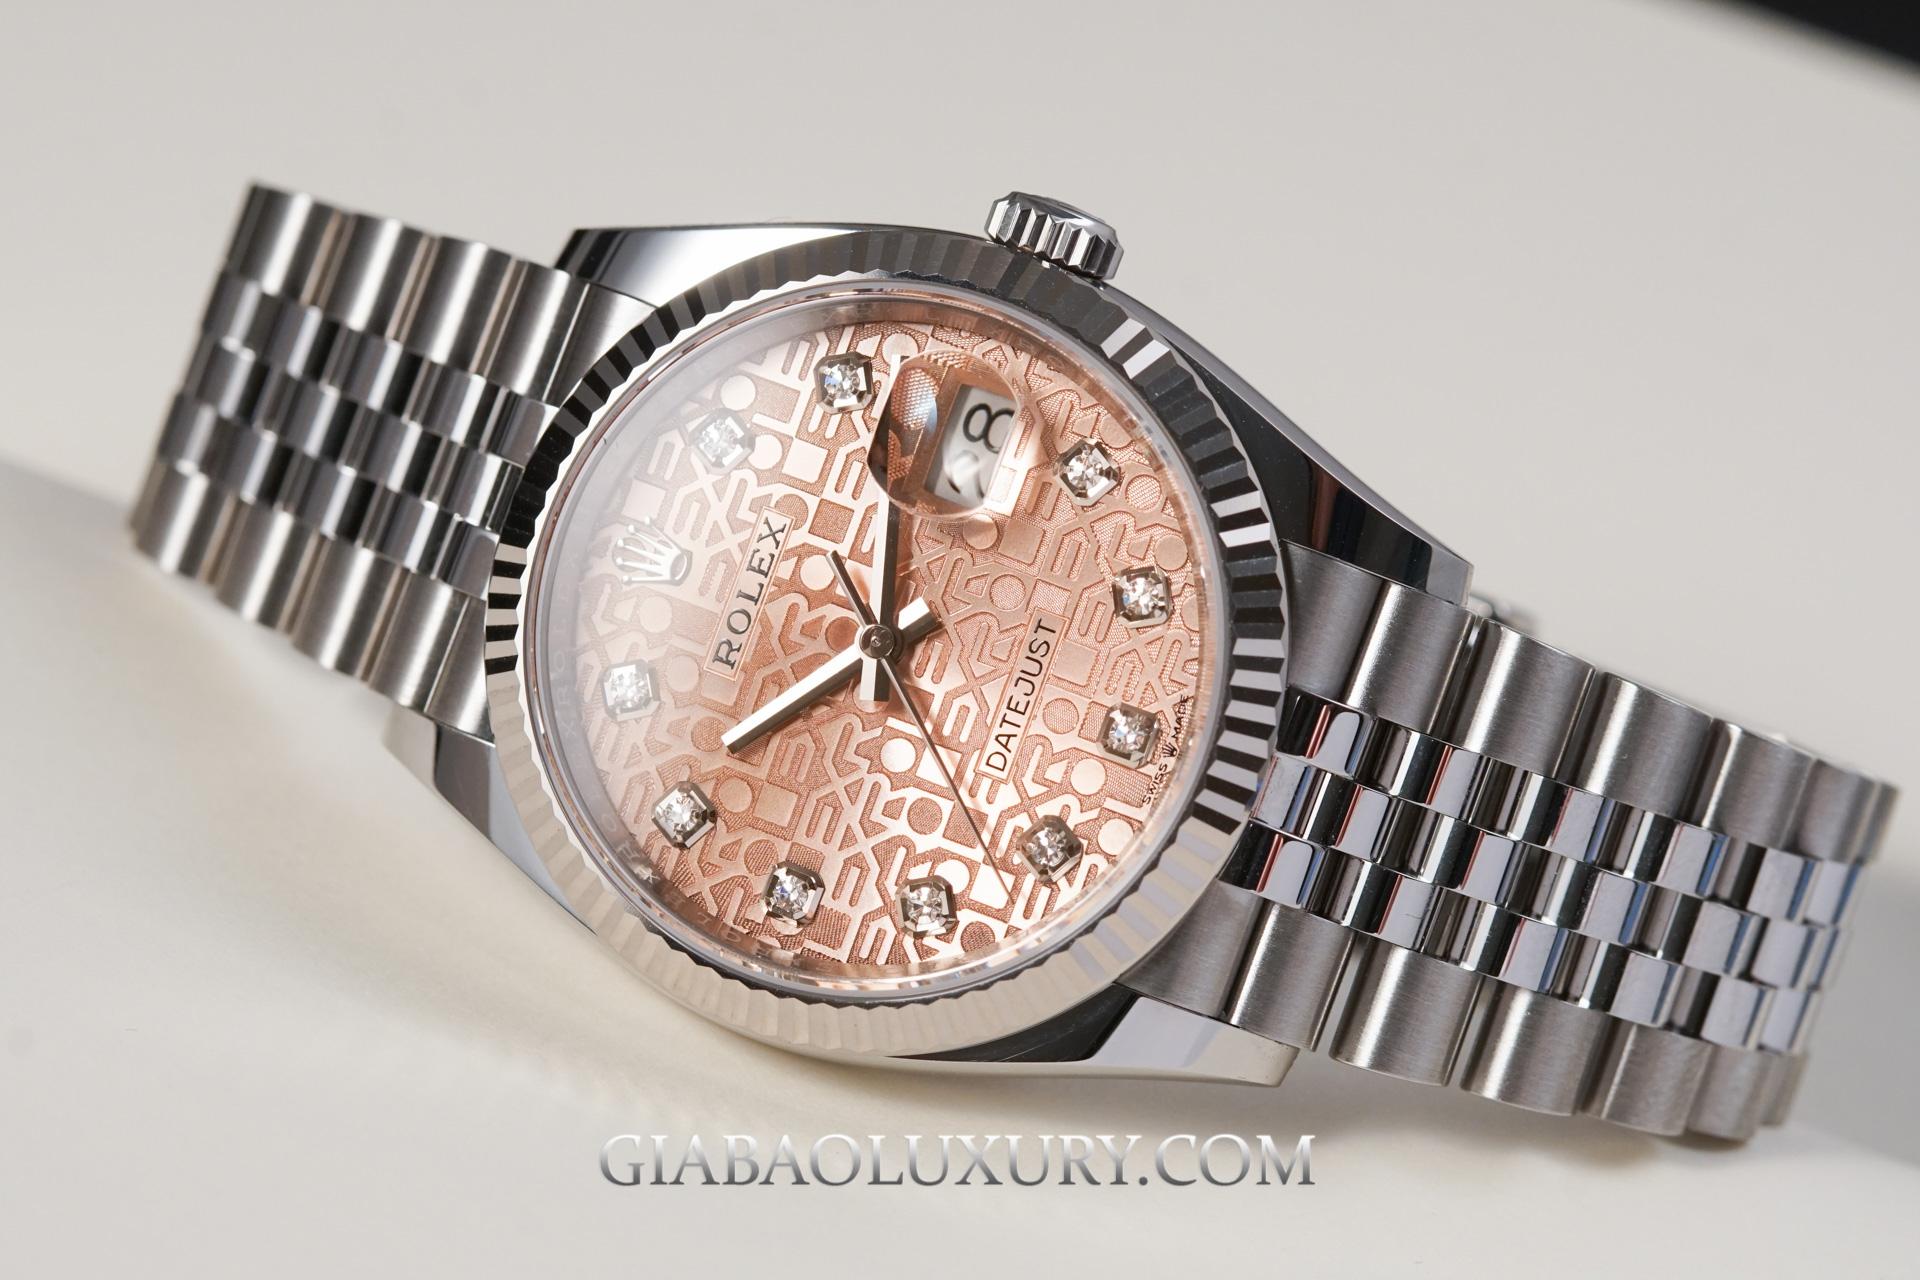 Đồng Hồ Rolex Datejust 36 126234 Mặt Số Vi Tính Hồng